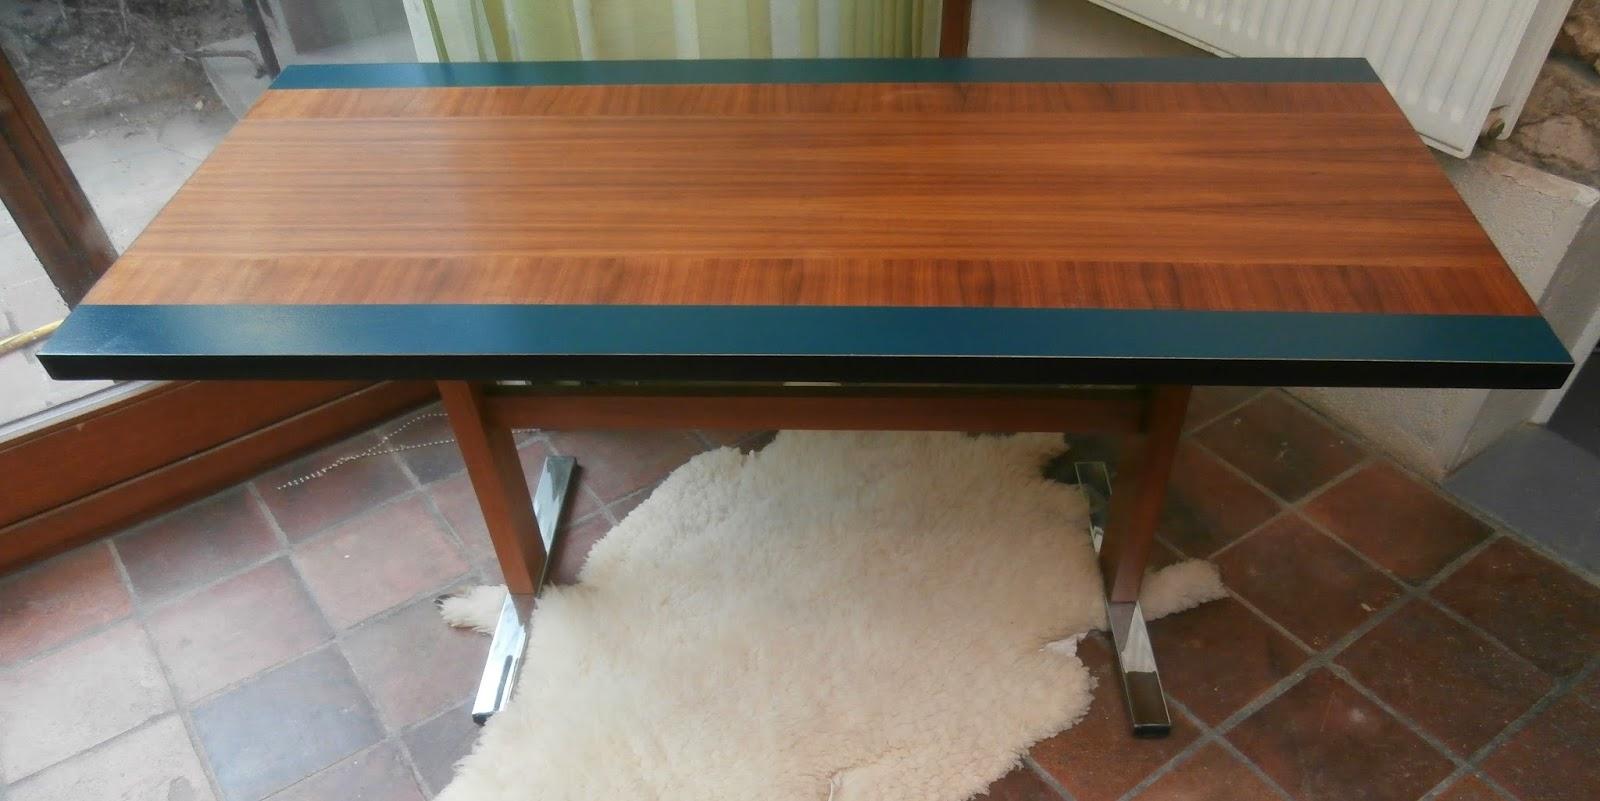 dur e de vie ind termin e table basse rehaussable. Black Bedroom Furniture Sets. Home Design Ideas